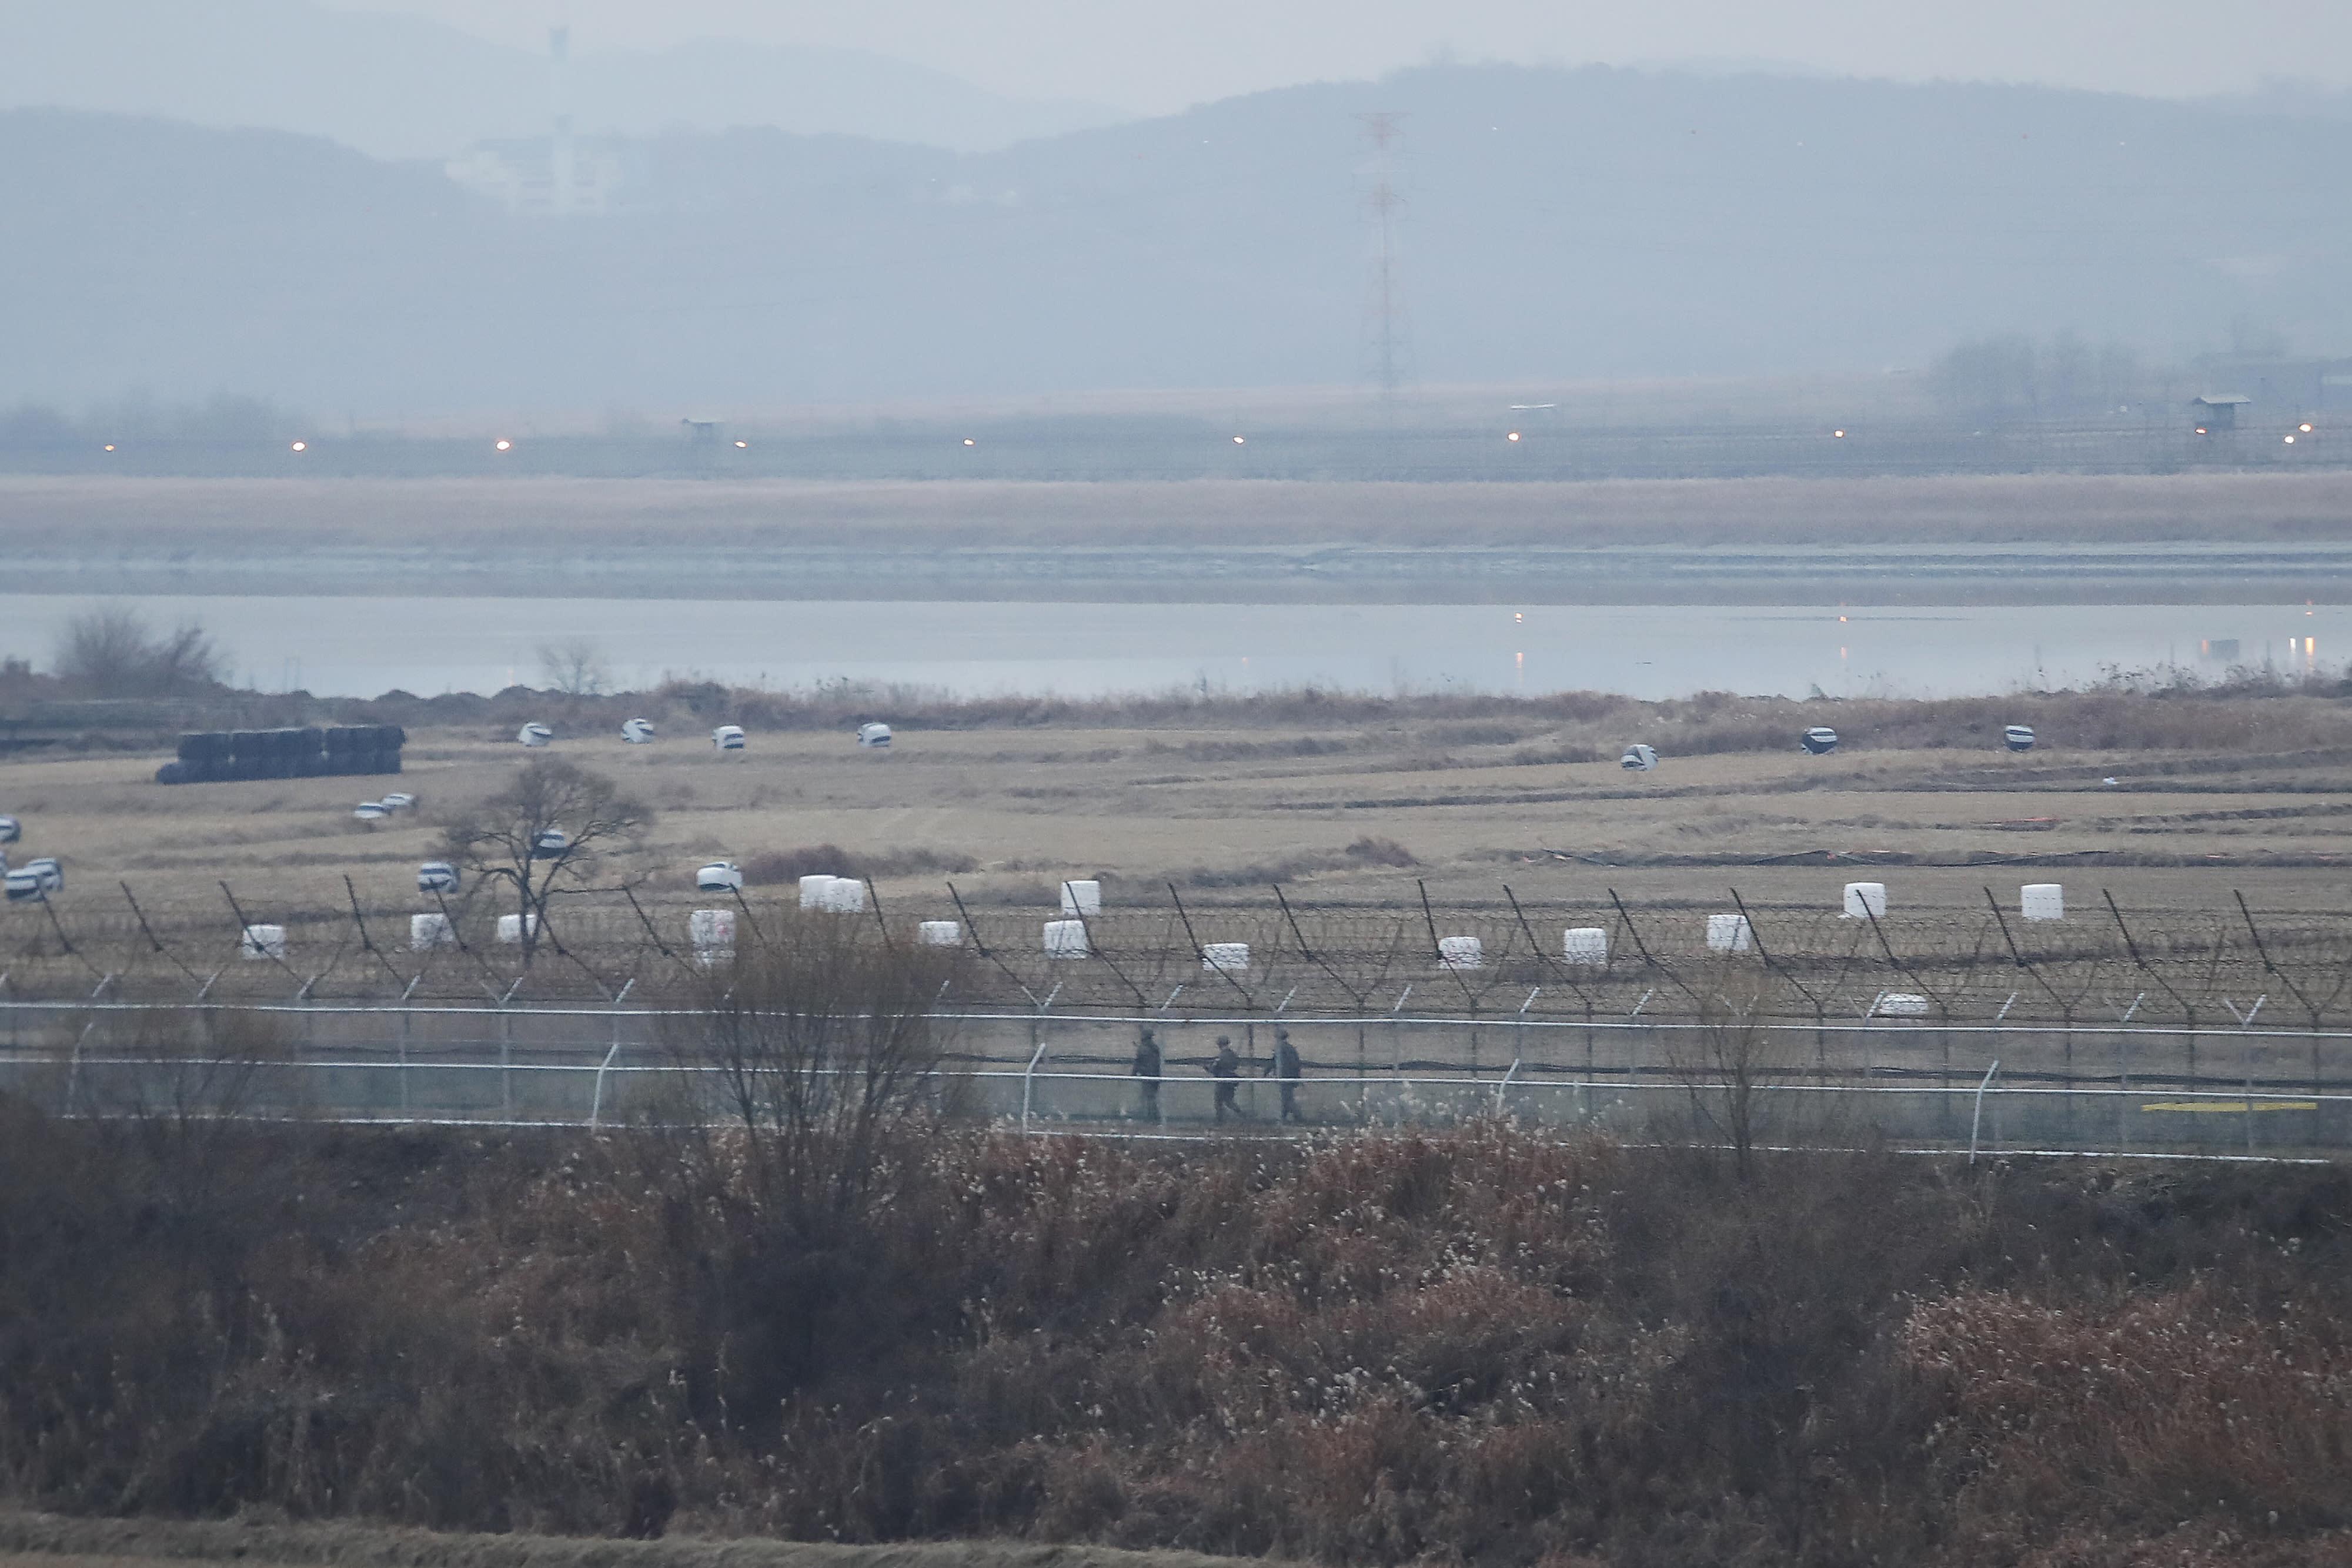 North Korea defectors criticised over speculation Kim was ill or dead